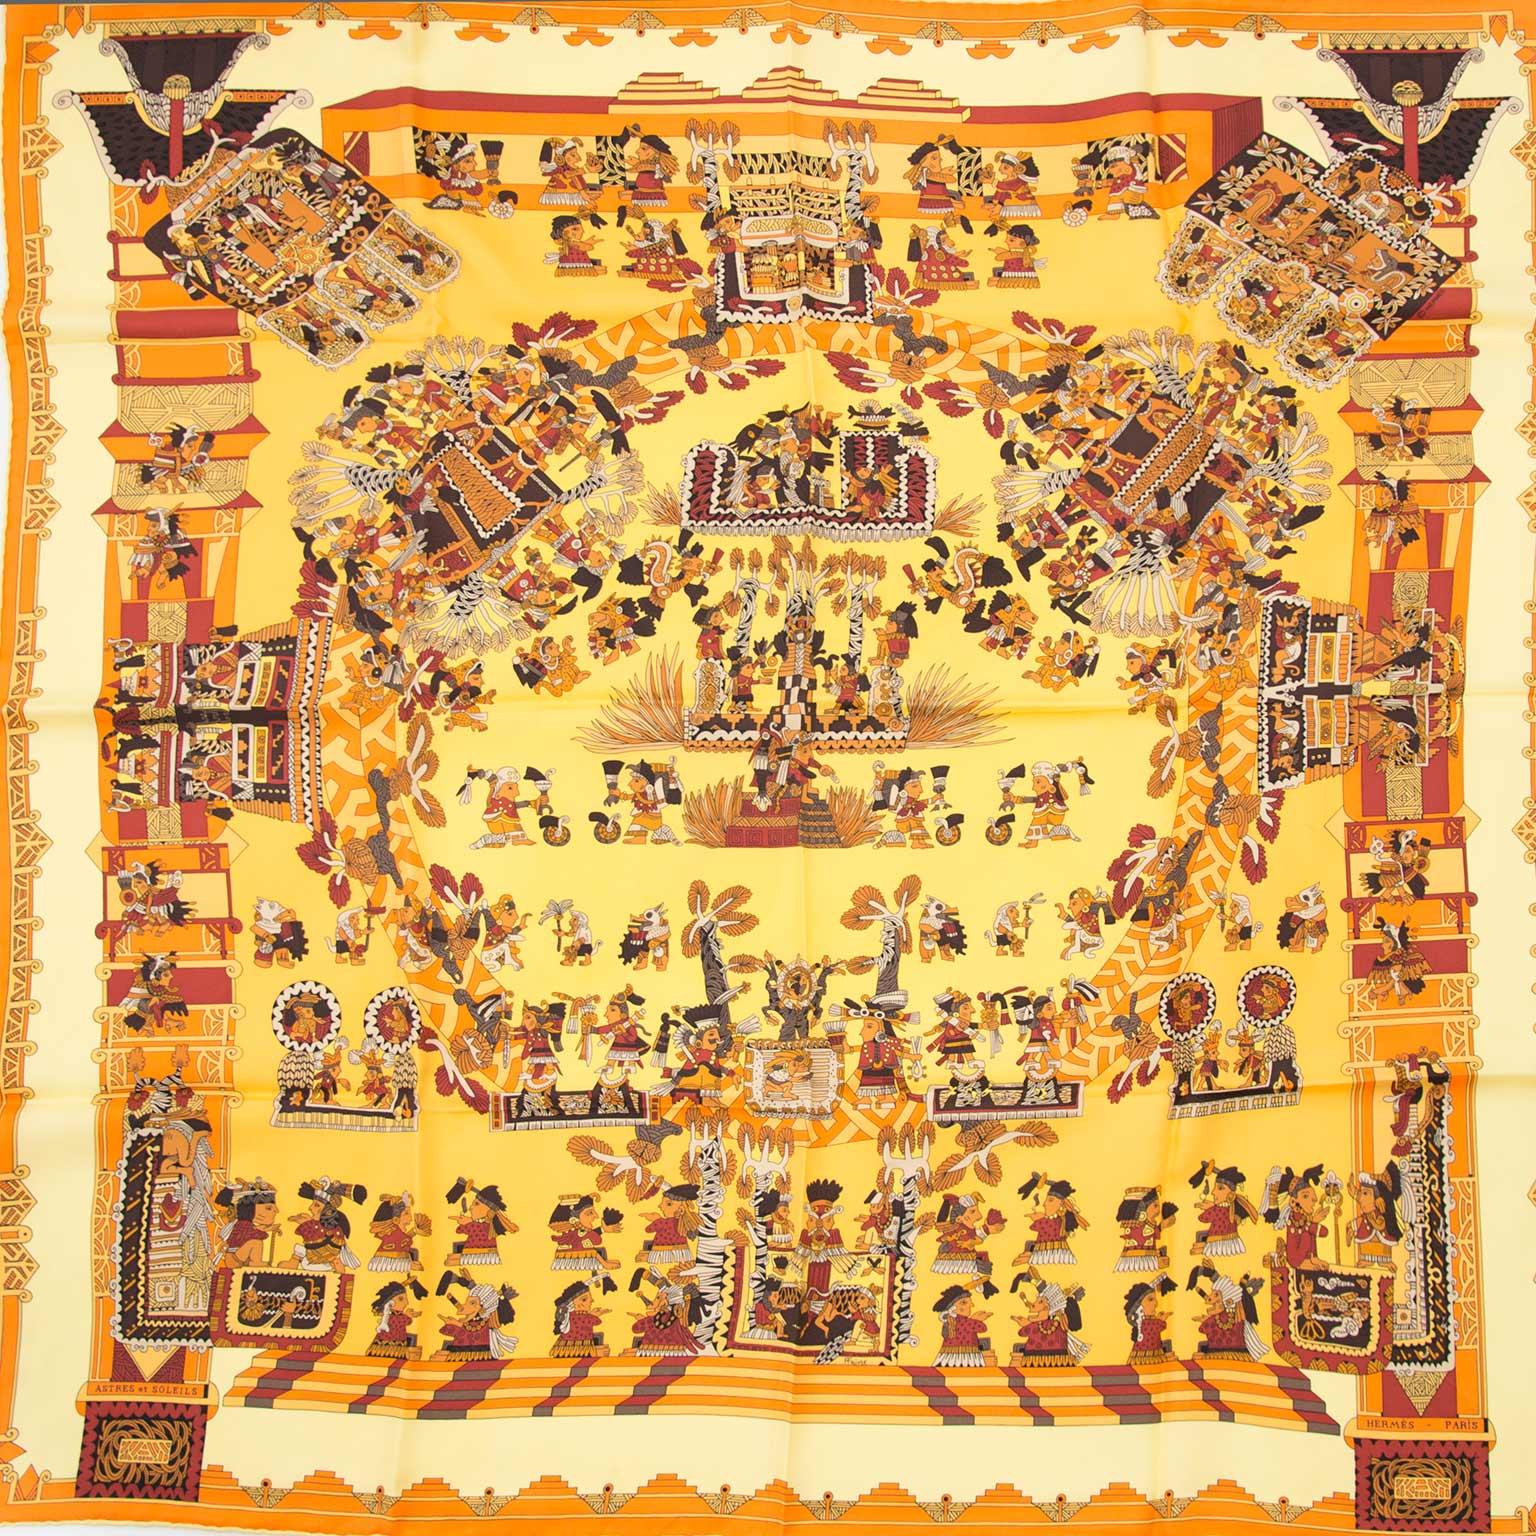 Achetez authentic Hermès foulards en ligne chez Labellov.com